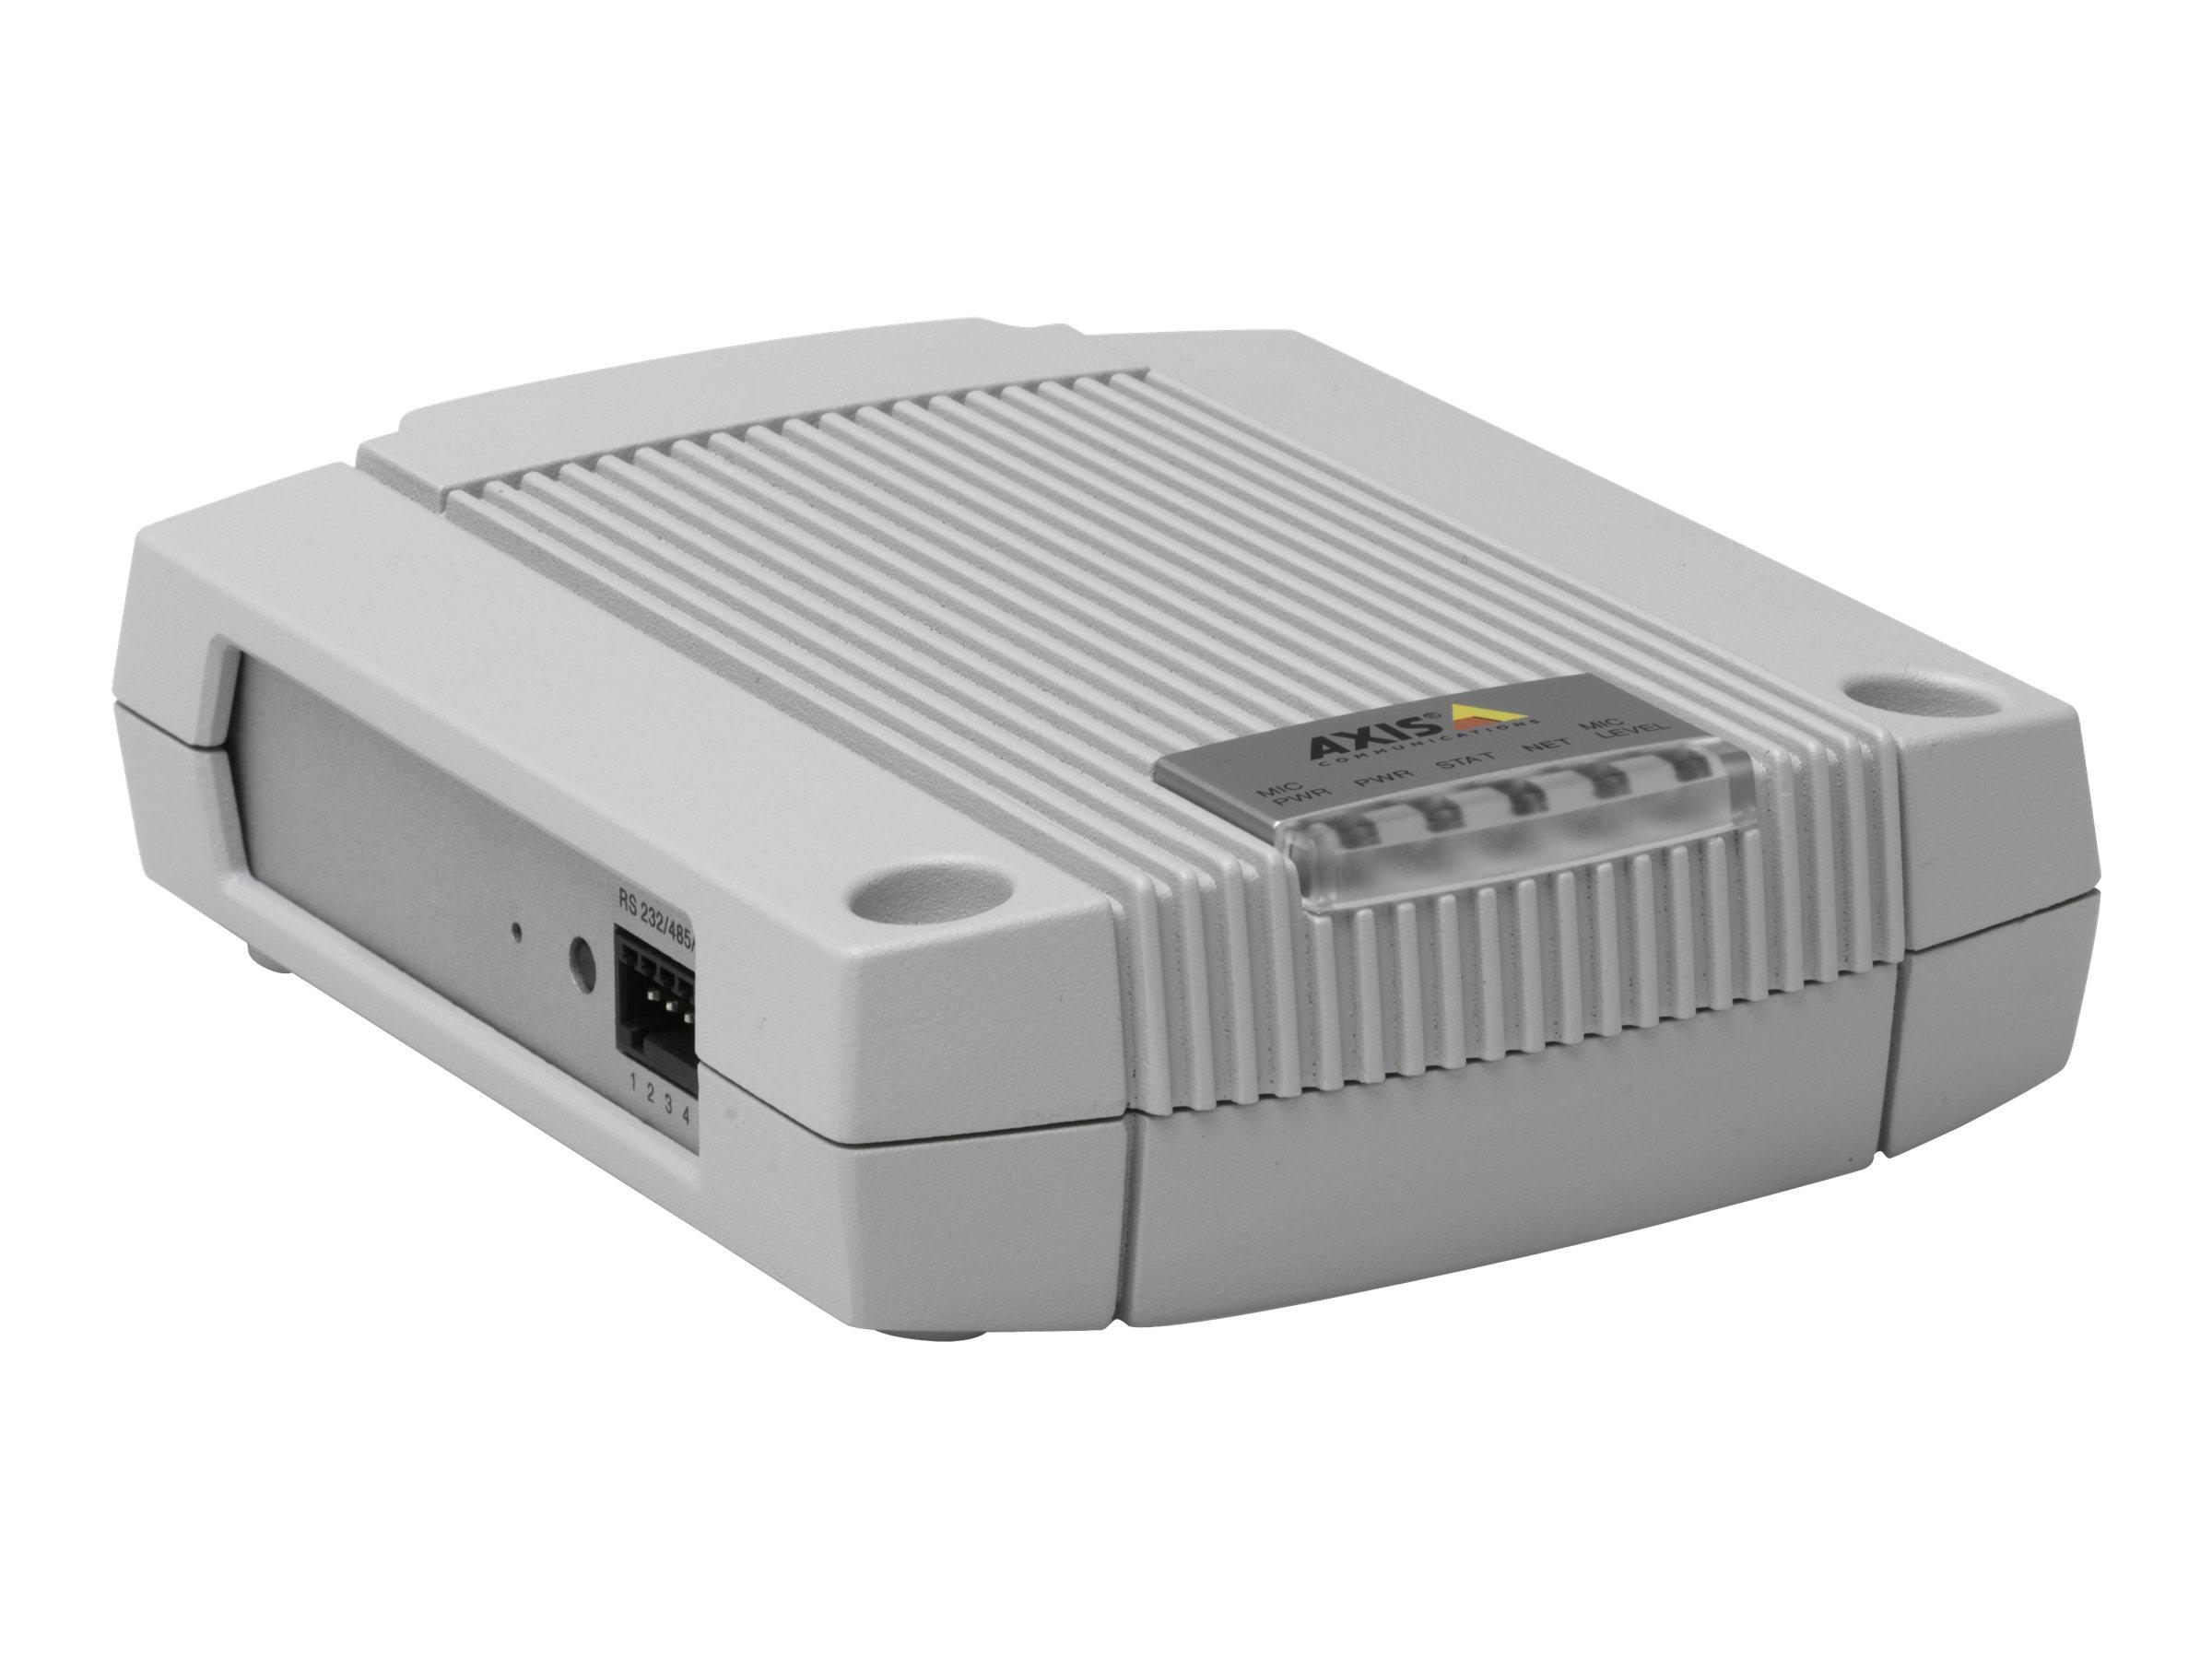 AXIS P8221 Network I/O Audio Module - Erweiterungsmodul (Packung mit 10) - für AXIS M1103, M1104, M1113, M1114, M3203, M3204, M5